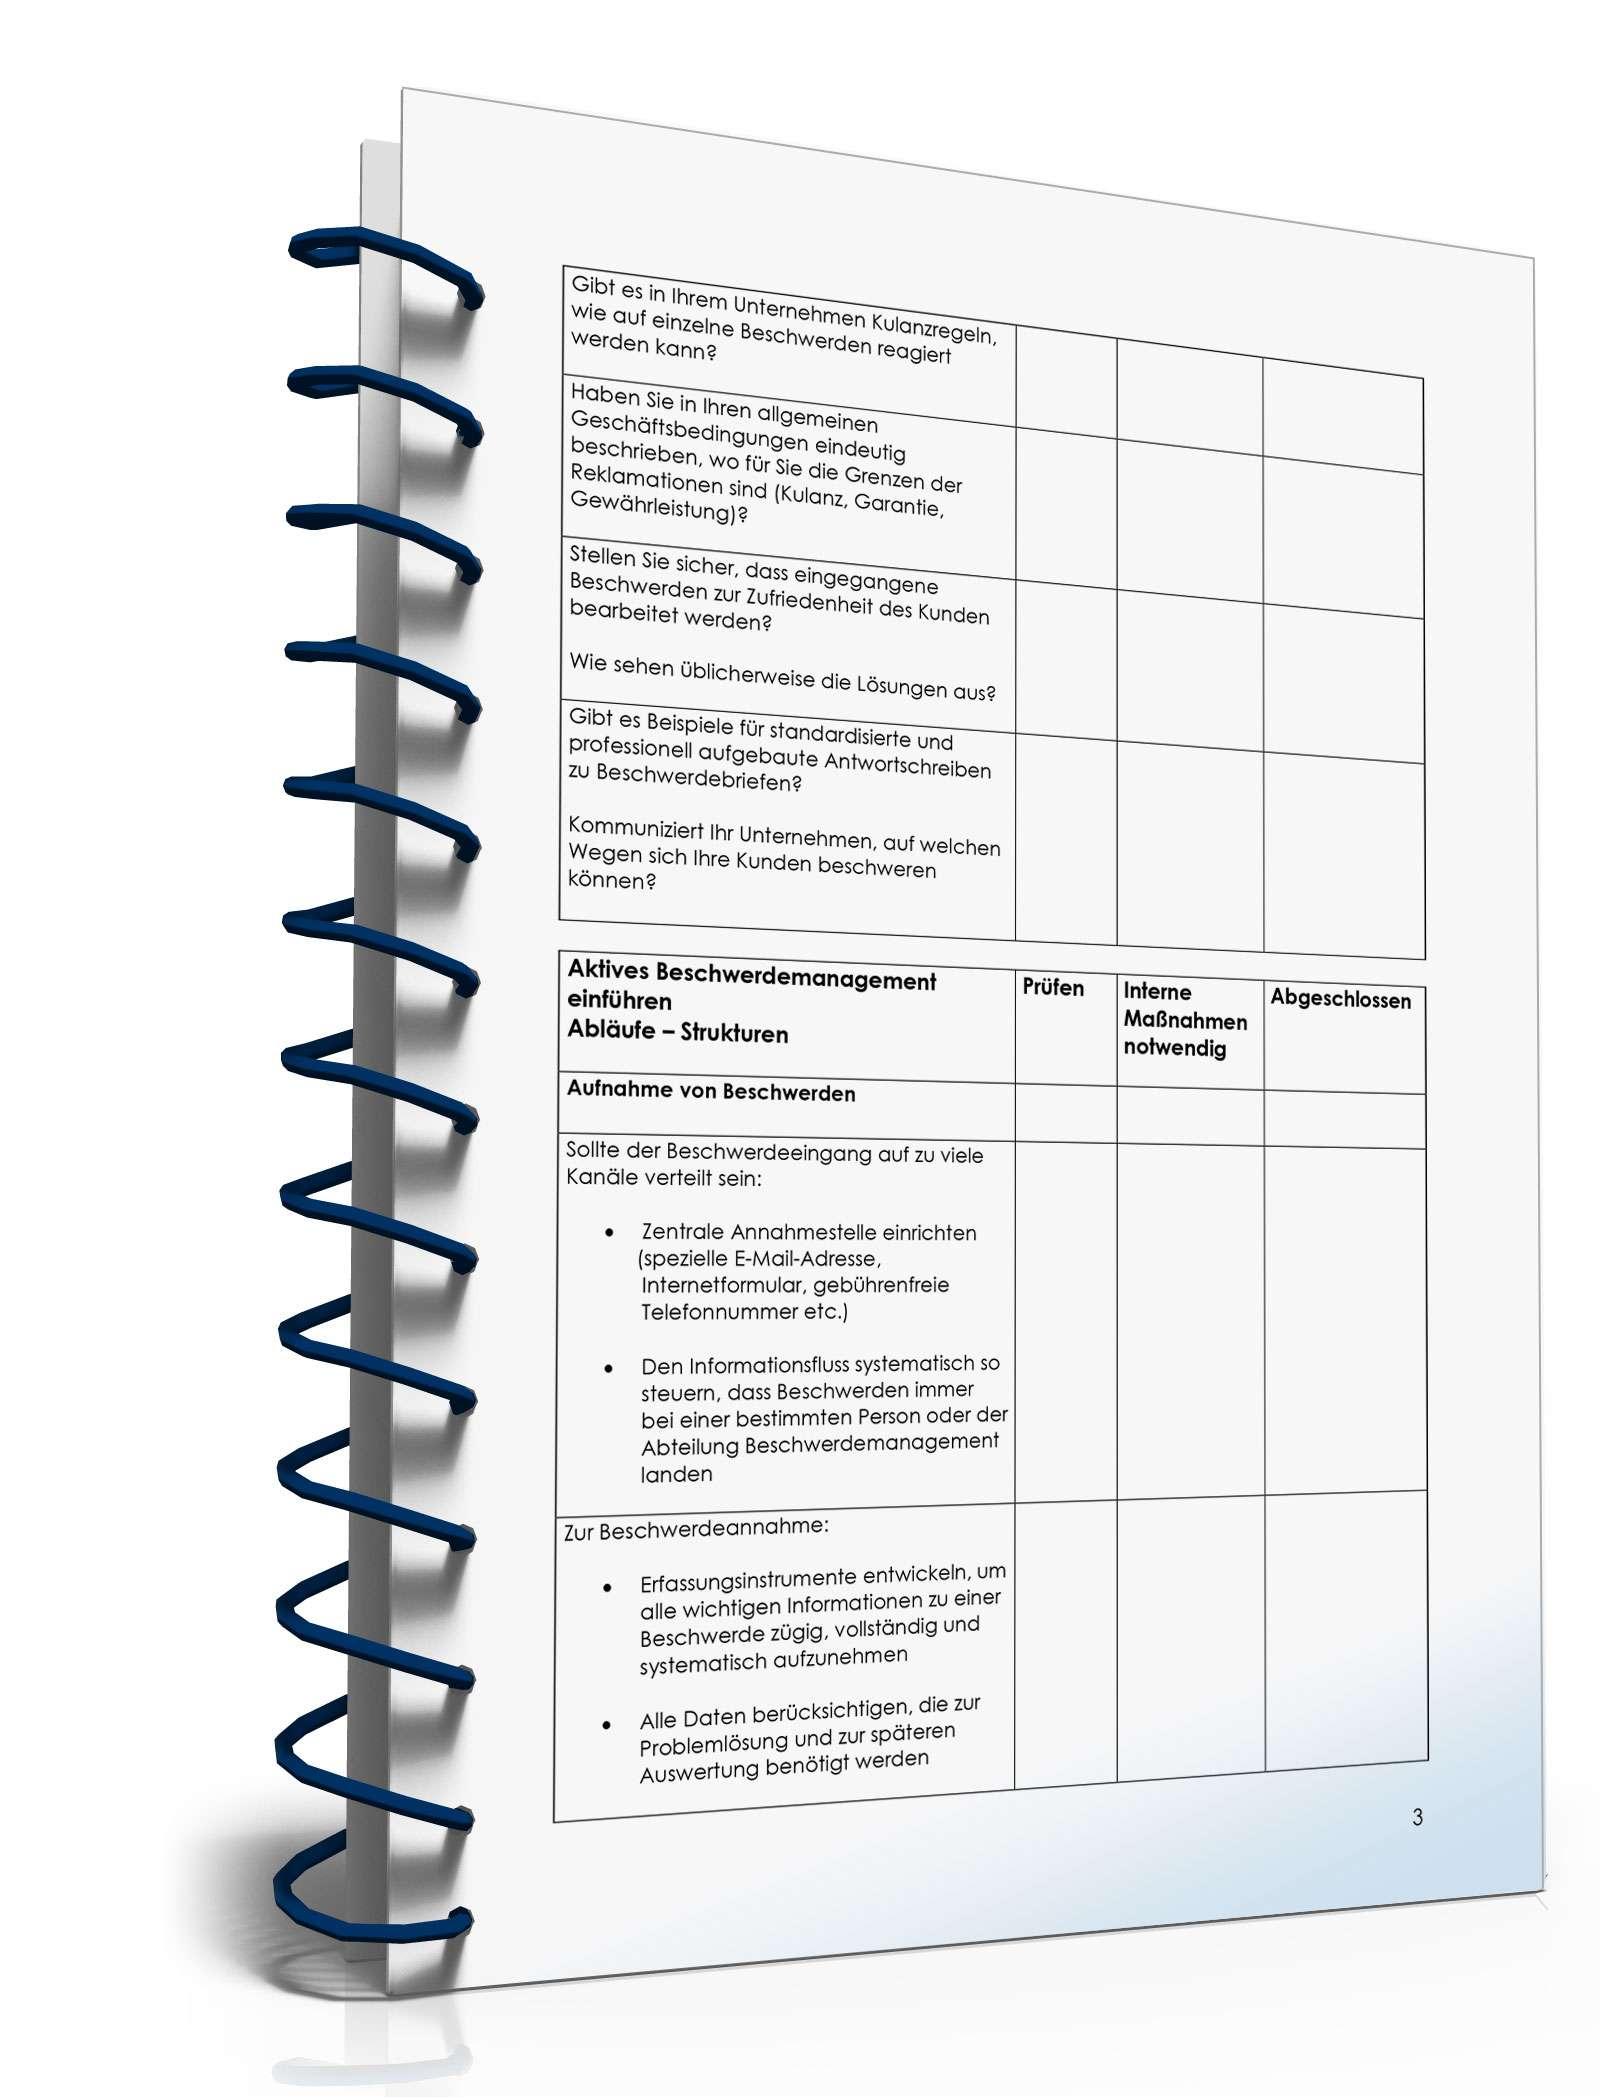 Checkliste - Beschwerdemanagement - Muster-Vorlage zum Download